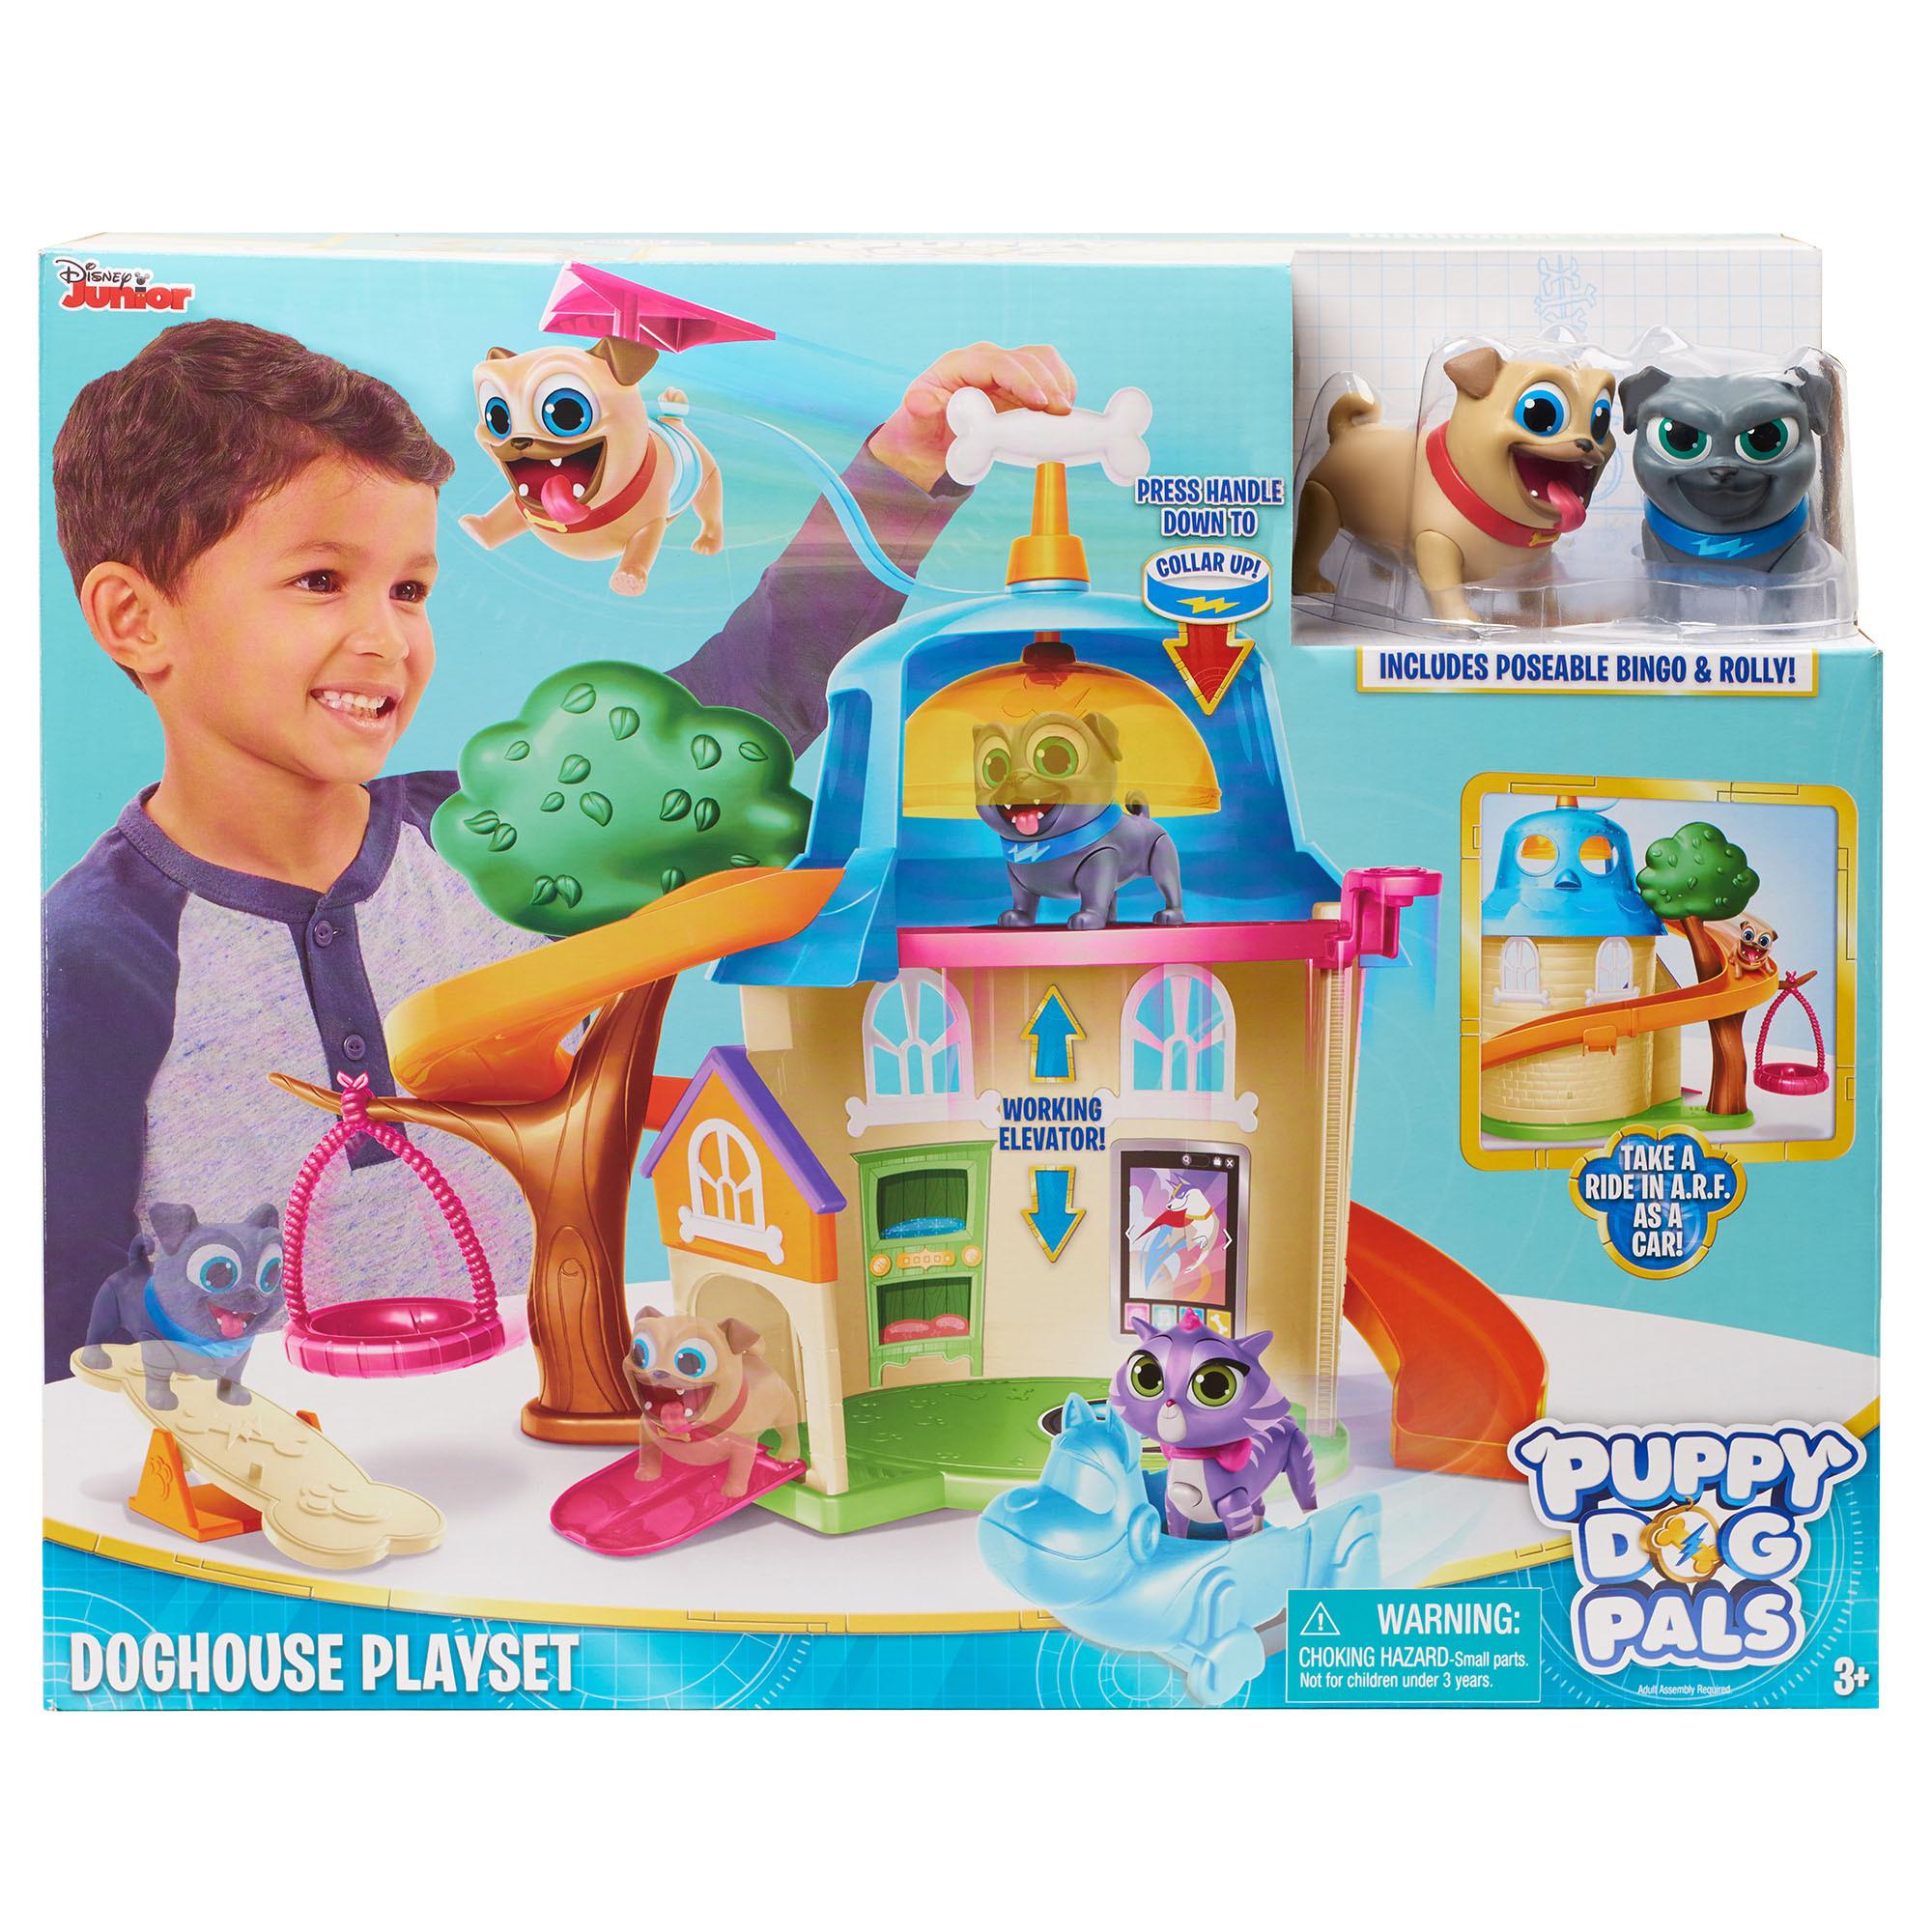 Κουταβοφιλαράκια - Puppy Dog Pals Σετ Παιχνιδιού-Σκυλόσπιτο (PUY01000)